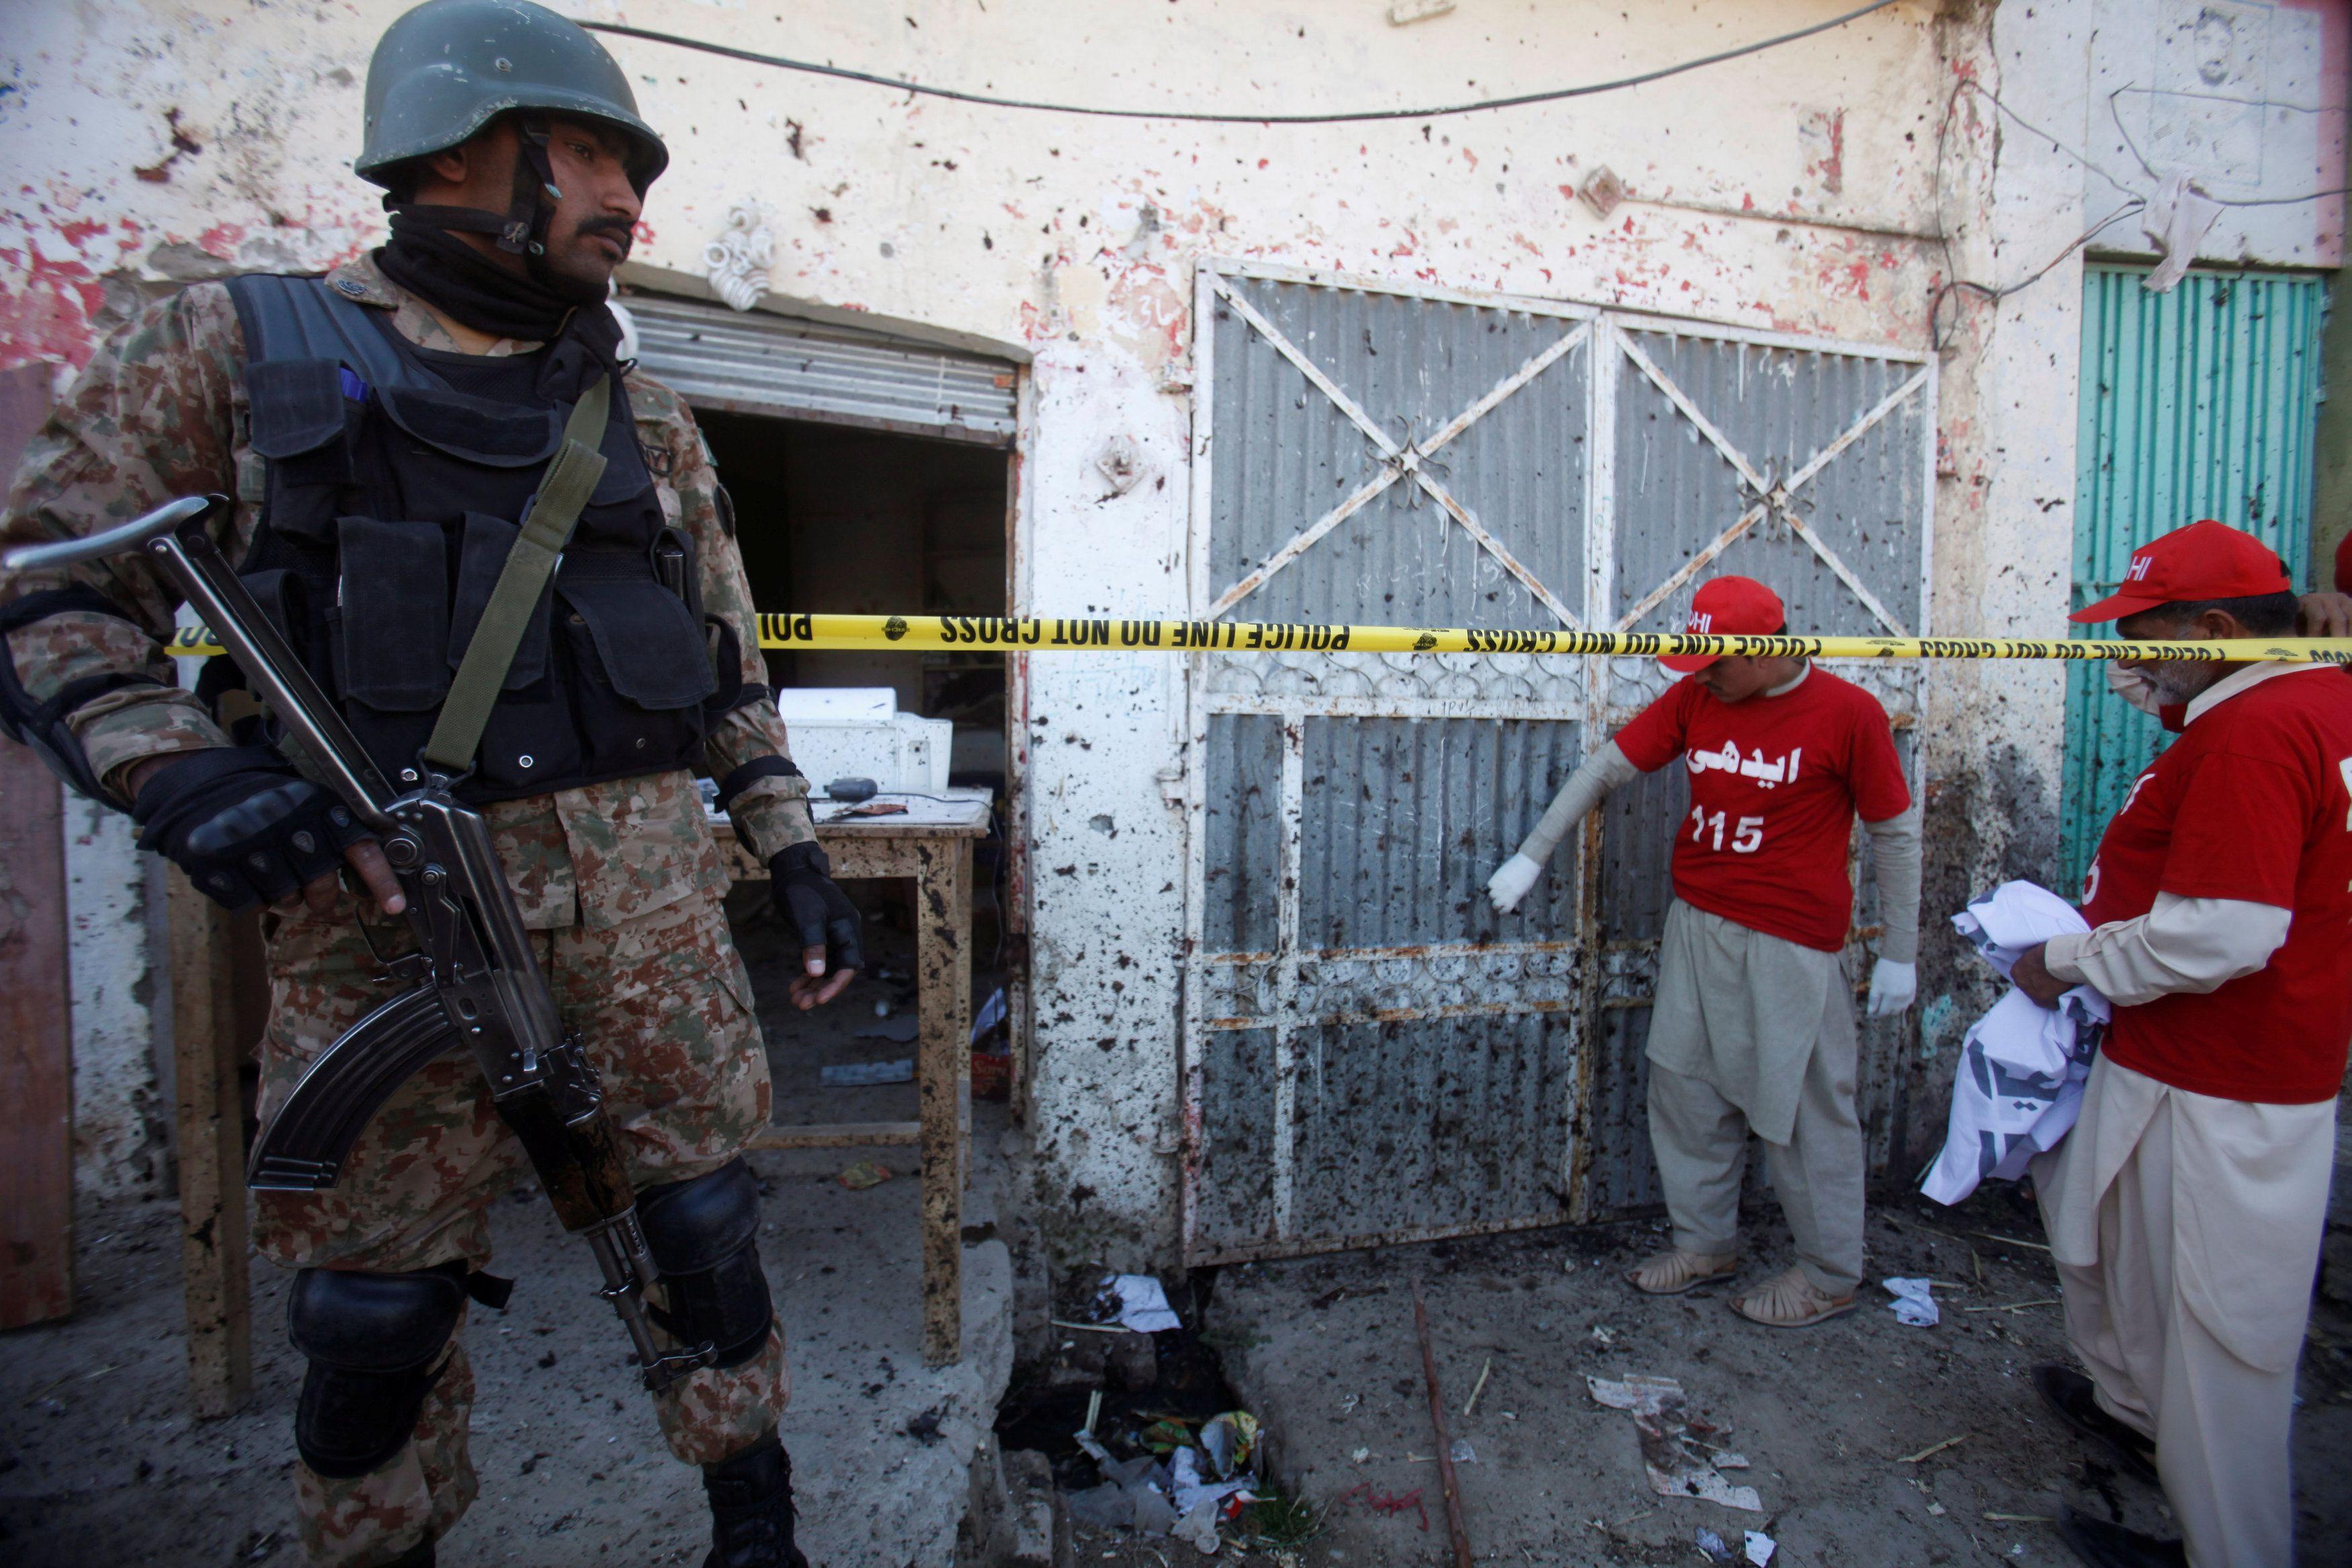 В полиции считают, что взрыв в Лахоре мог быть терактом